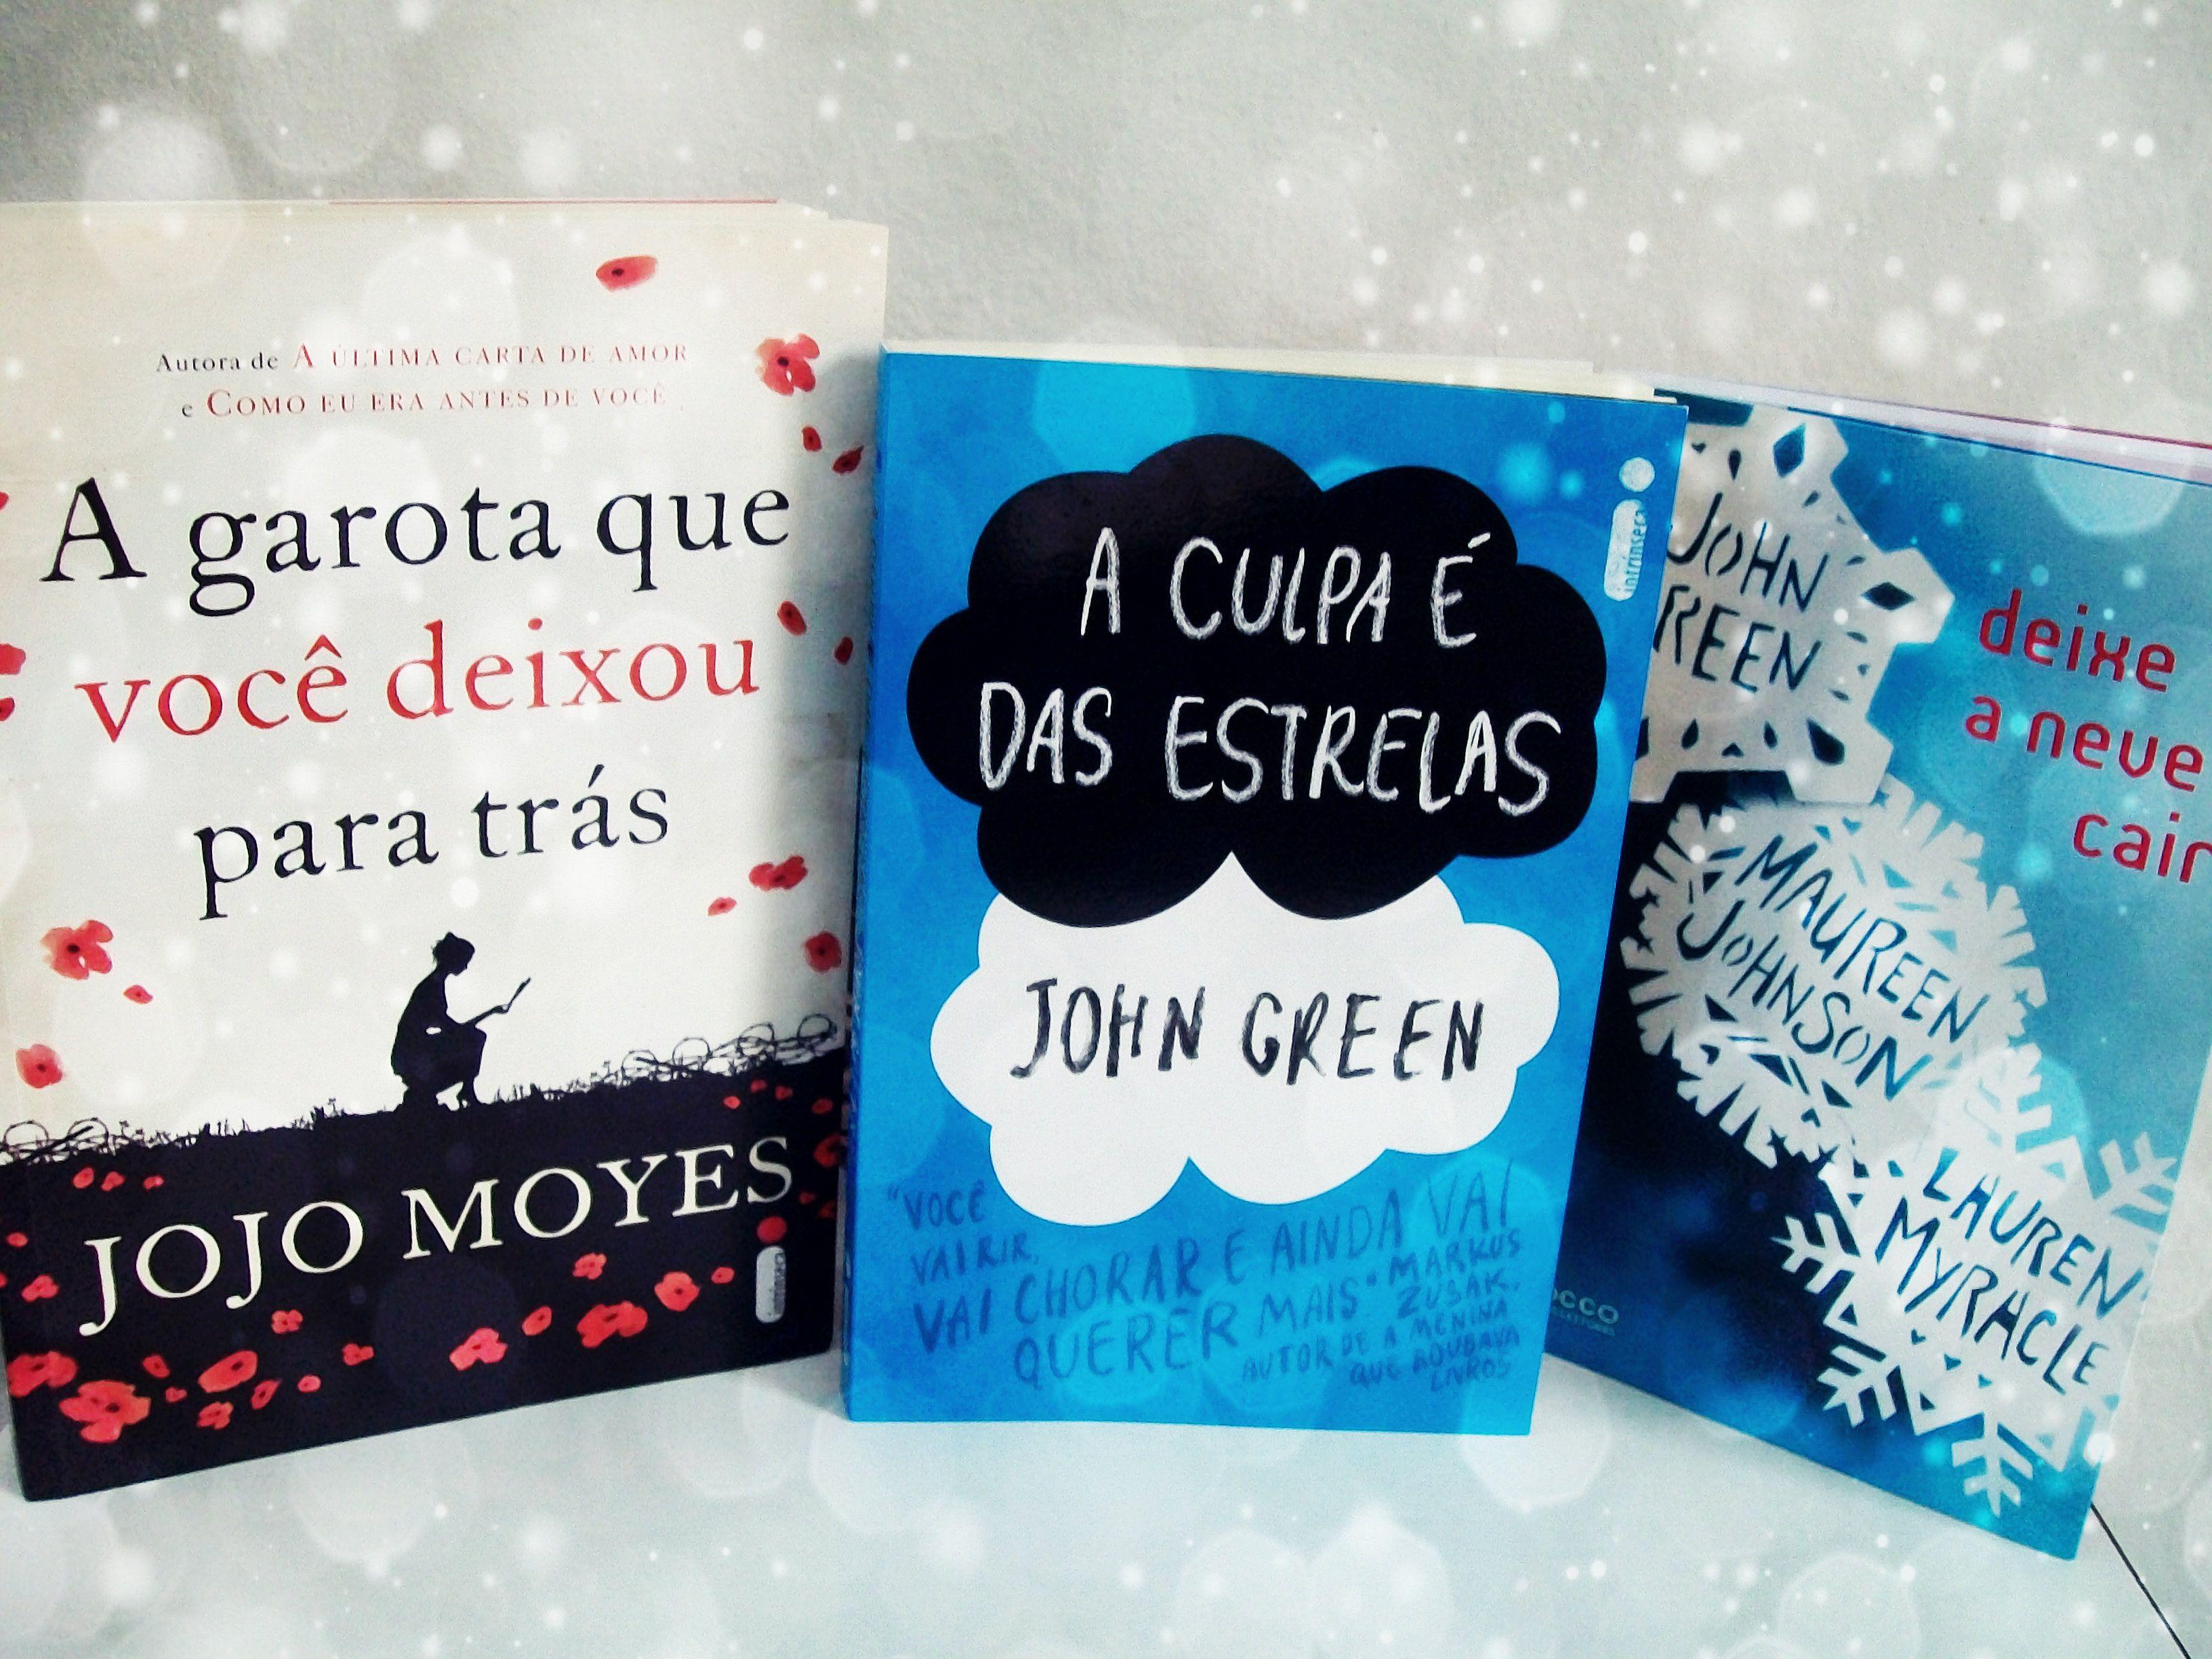 Novos Livros Do Amor A Garota Que Voce Deixou Para Tras A Culpa